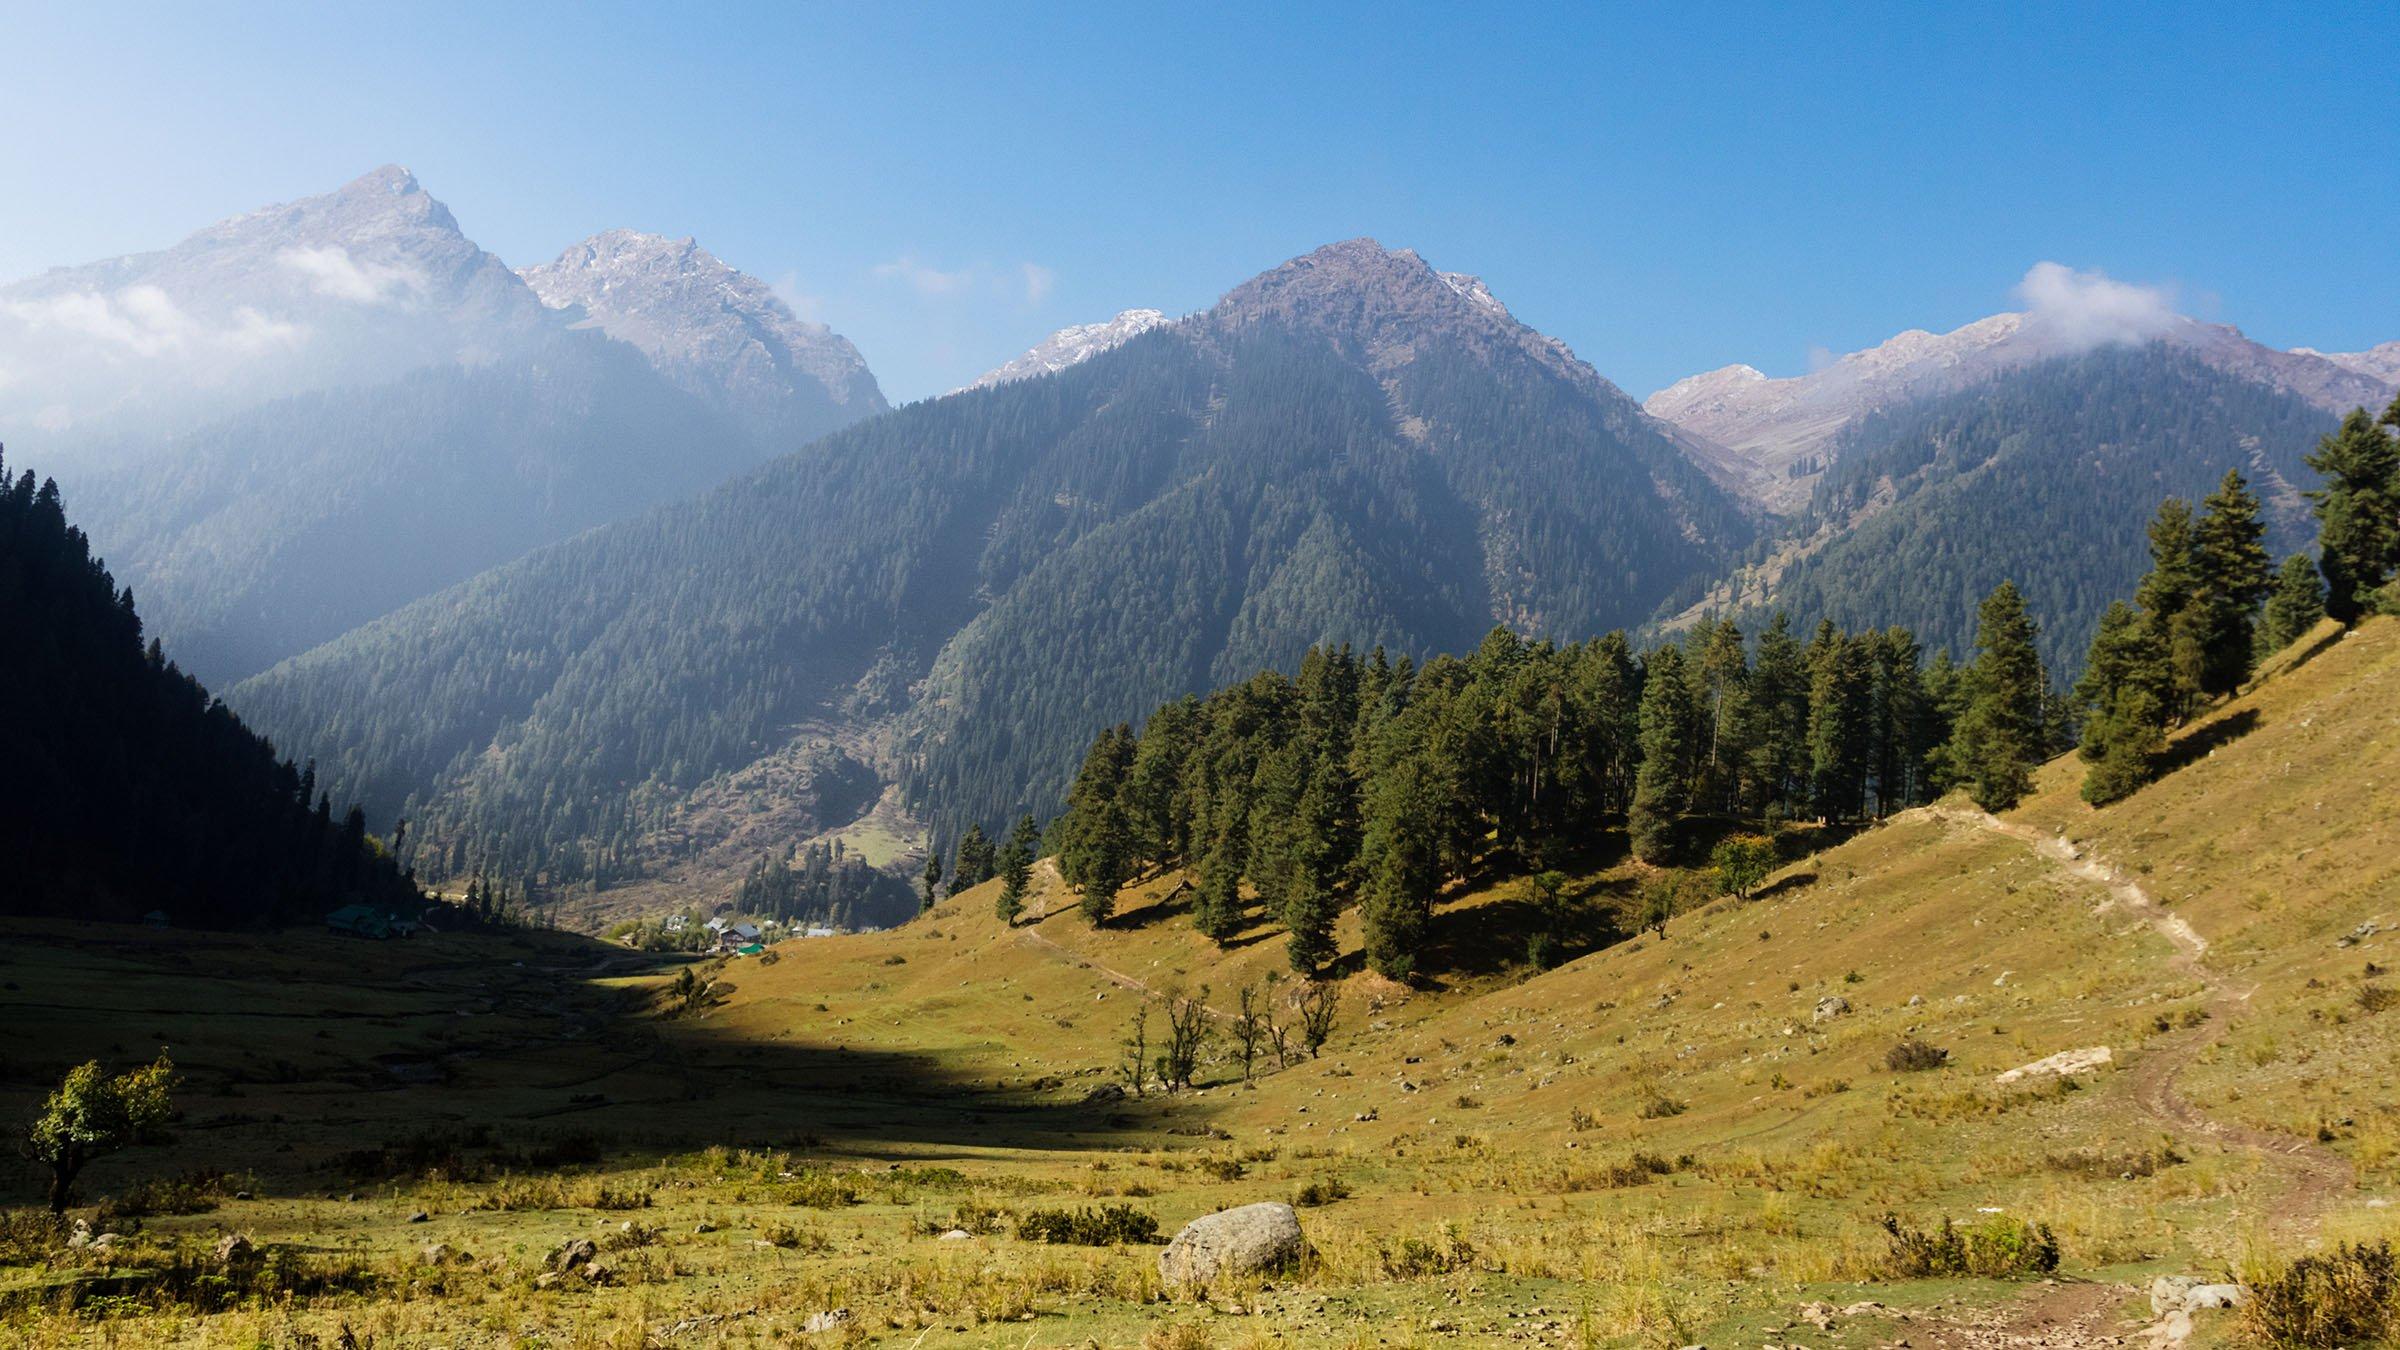 paisajes de la India lidderwat kashmir